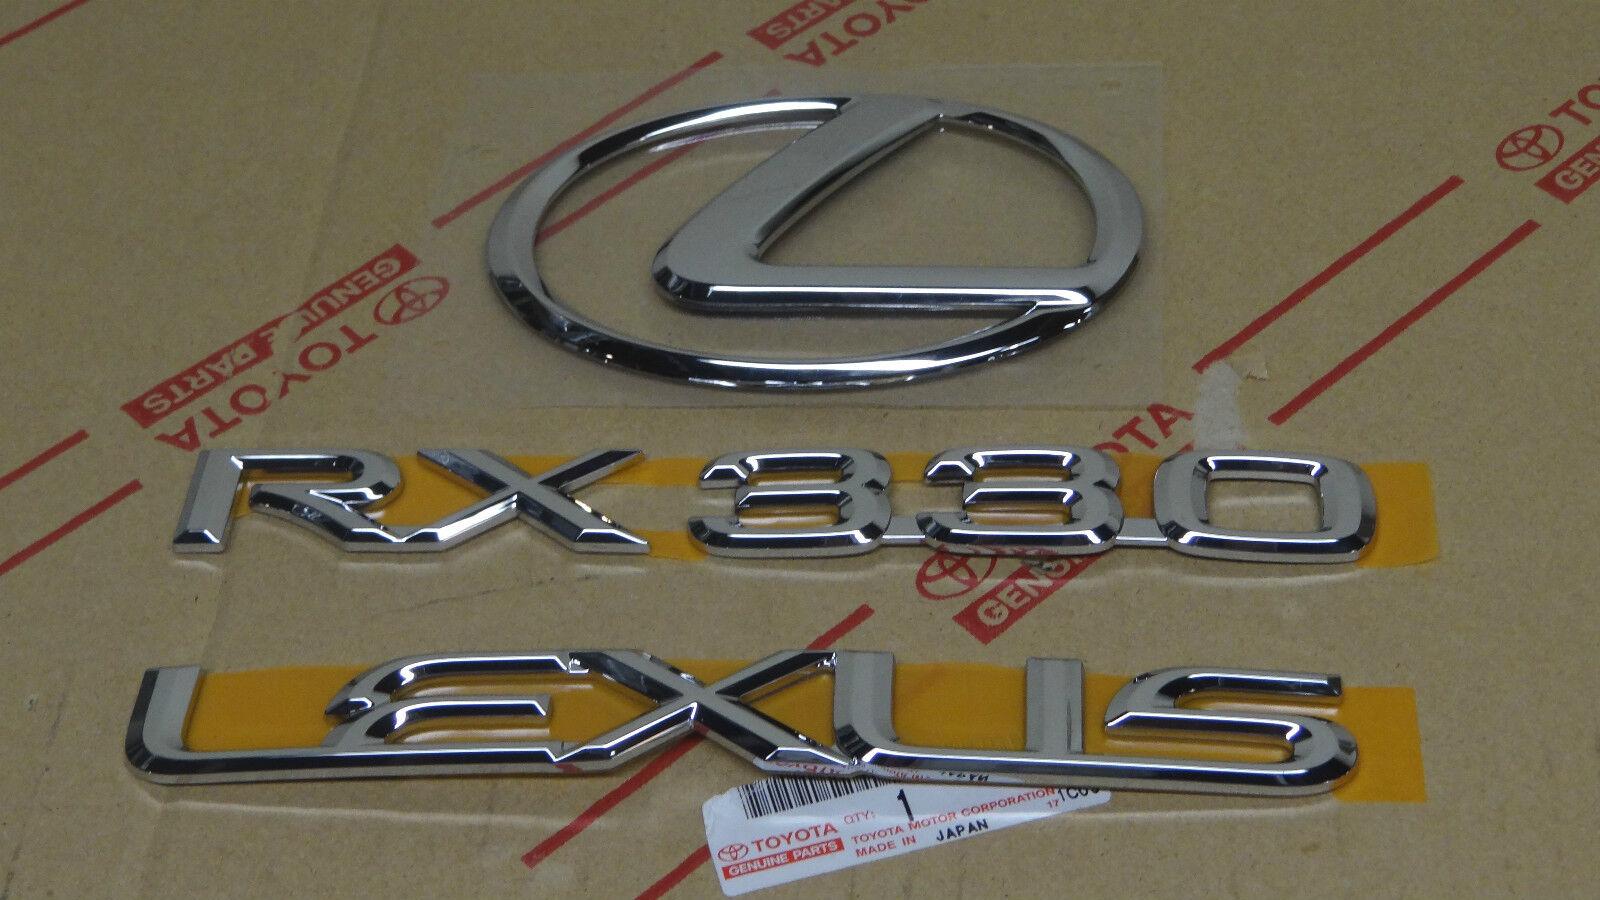 Buy 04 06 New Lexus Rx330 Rear Chrome Trunk Emblem Kit